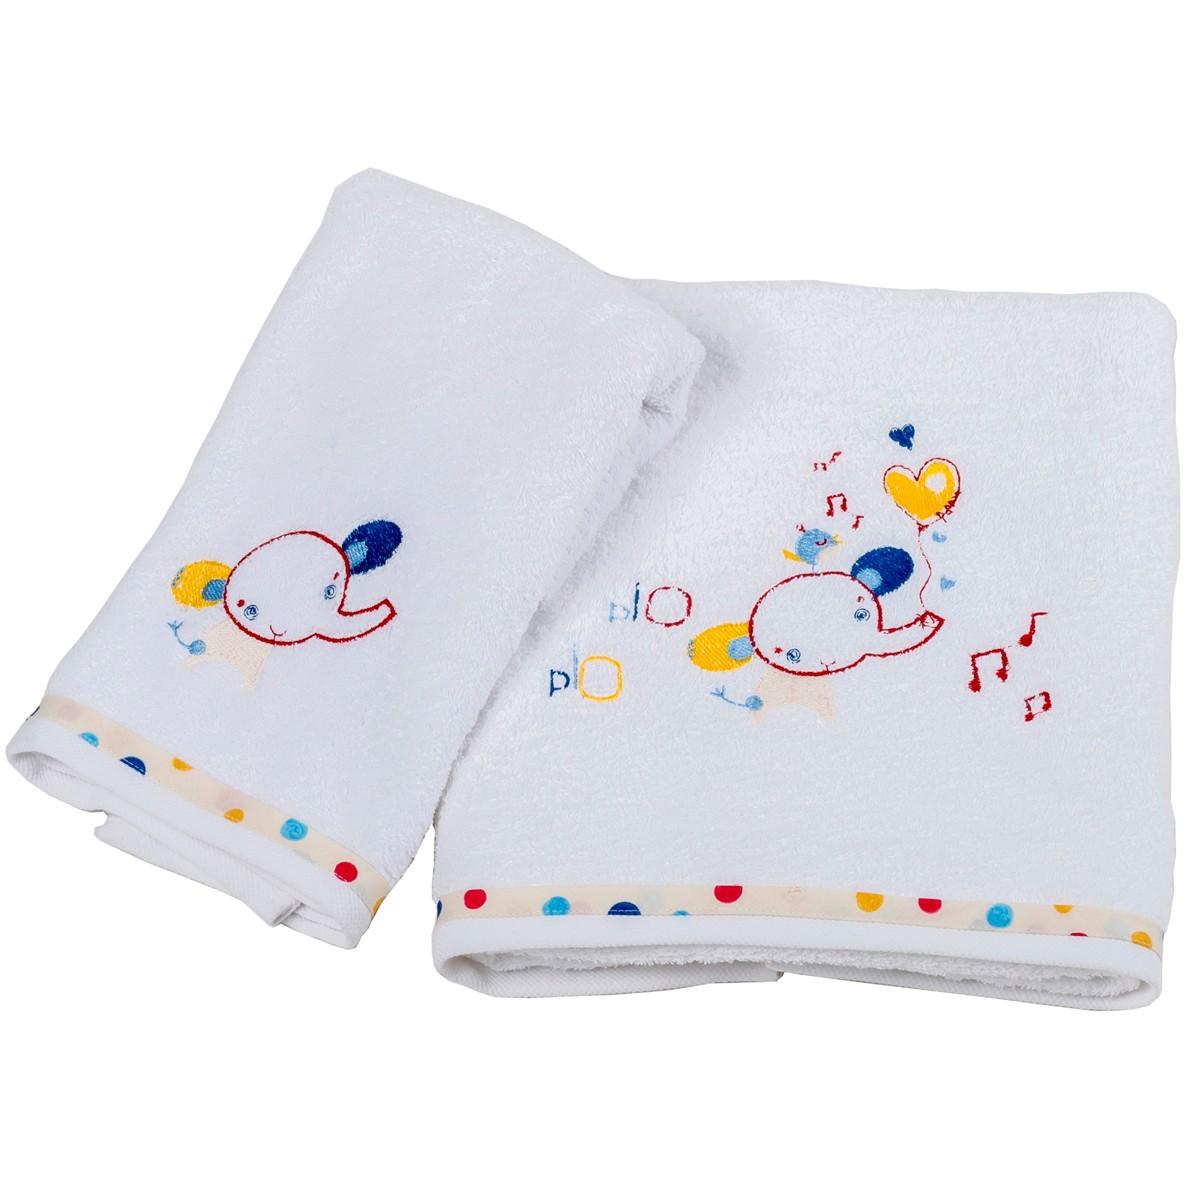 Βρεφικές Πετσέτες (Σετ 2τμχ) Κόσμος Του Μωρού Elephant 0570